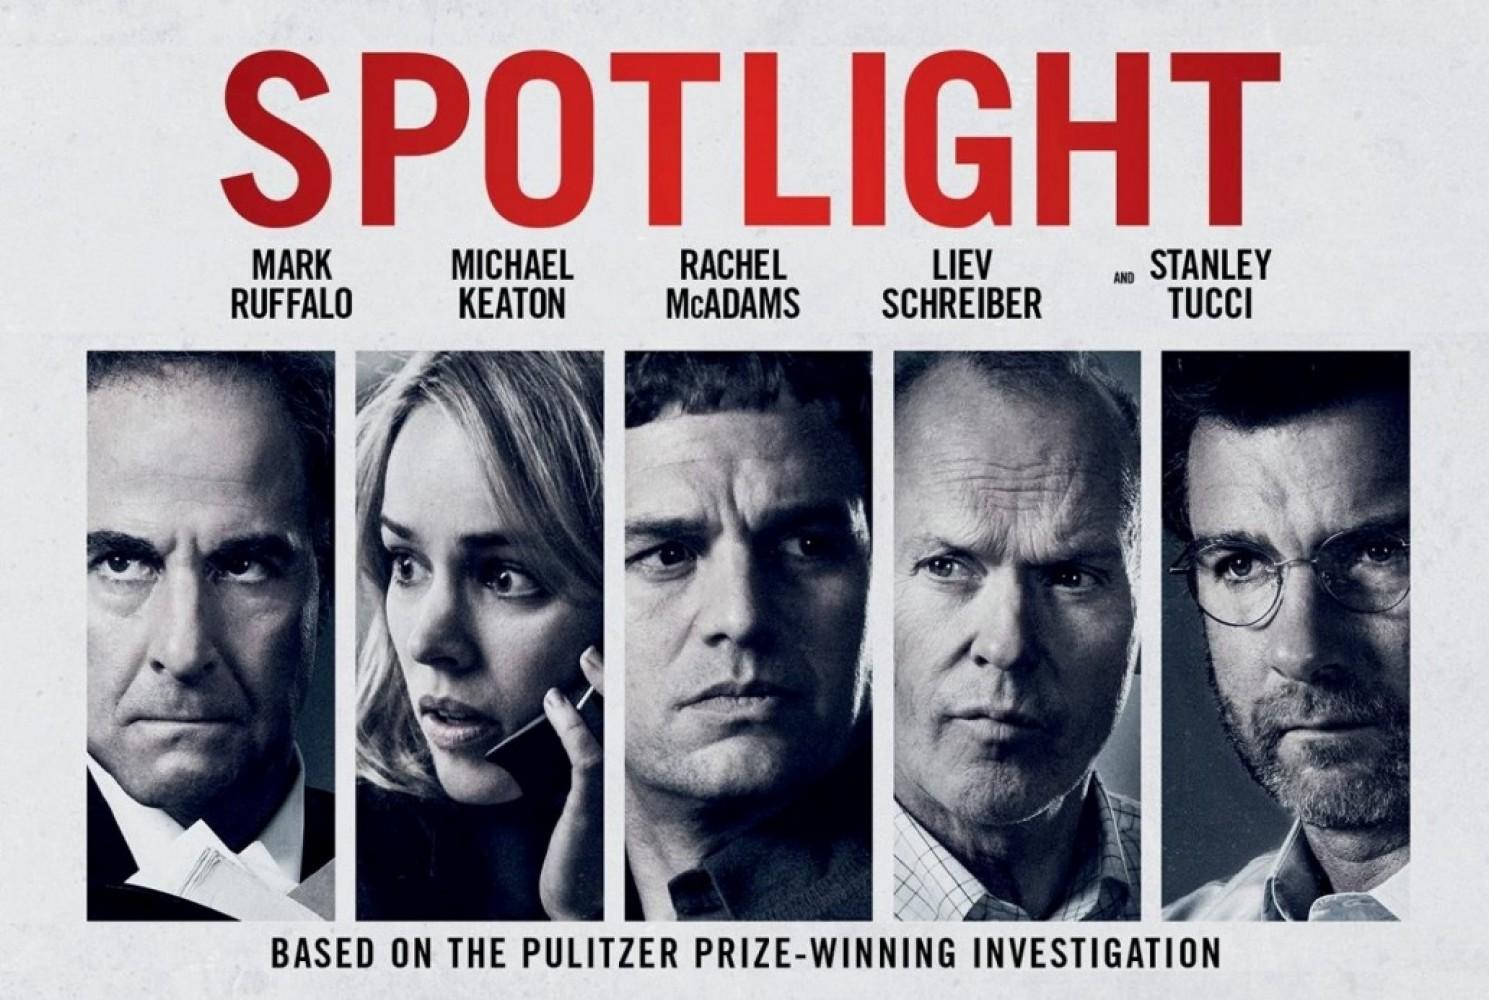 Spotlight : เมื่อคุณกล้าเผยความจริง โลกก็กล้าตอบรับ